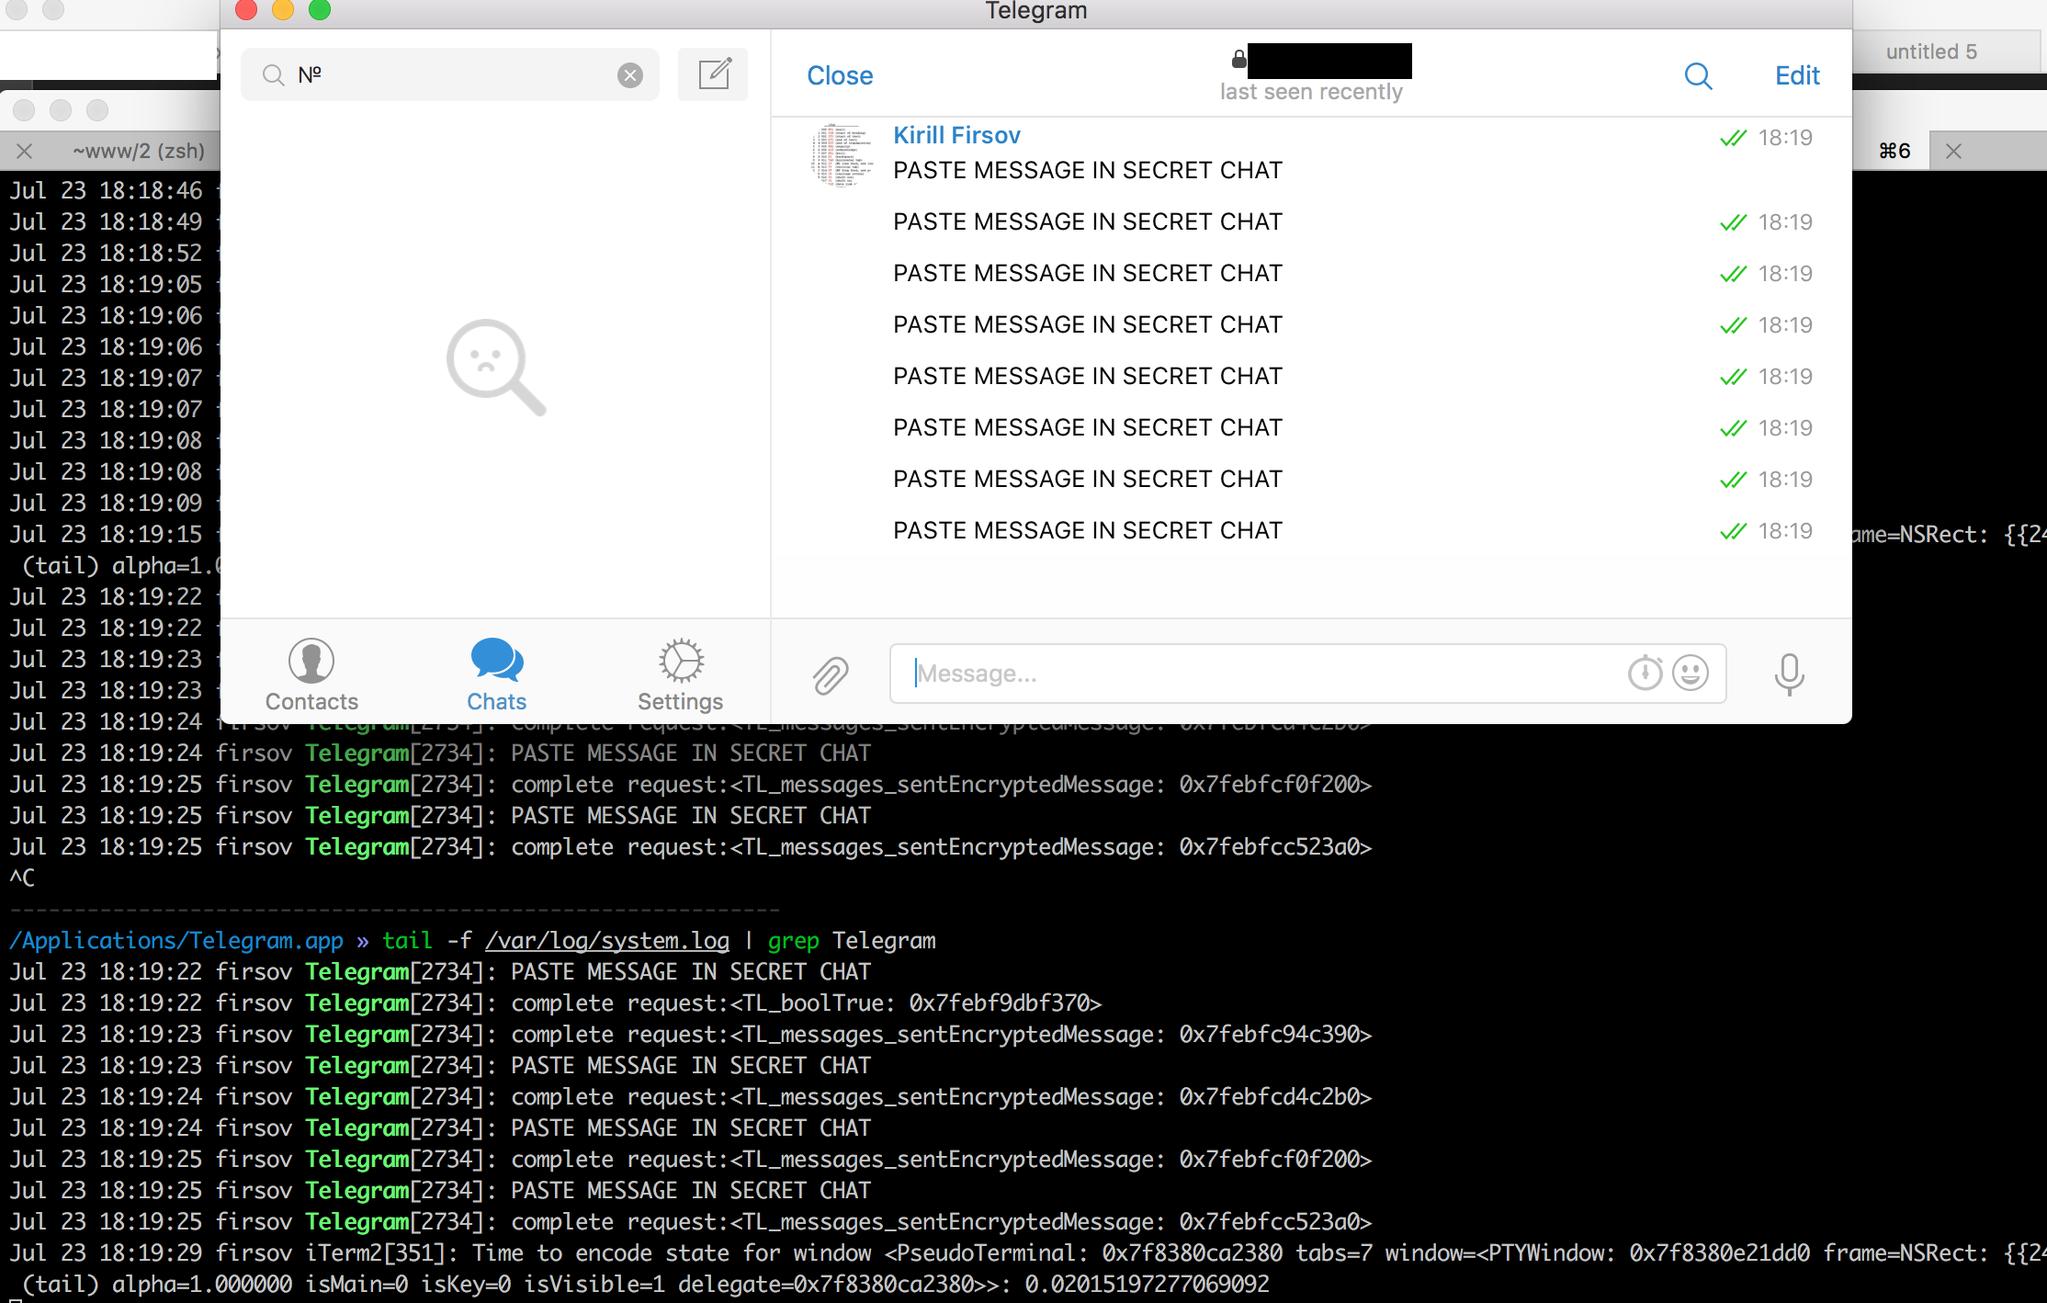 telegram almacena conversaciones mac os x